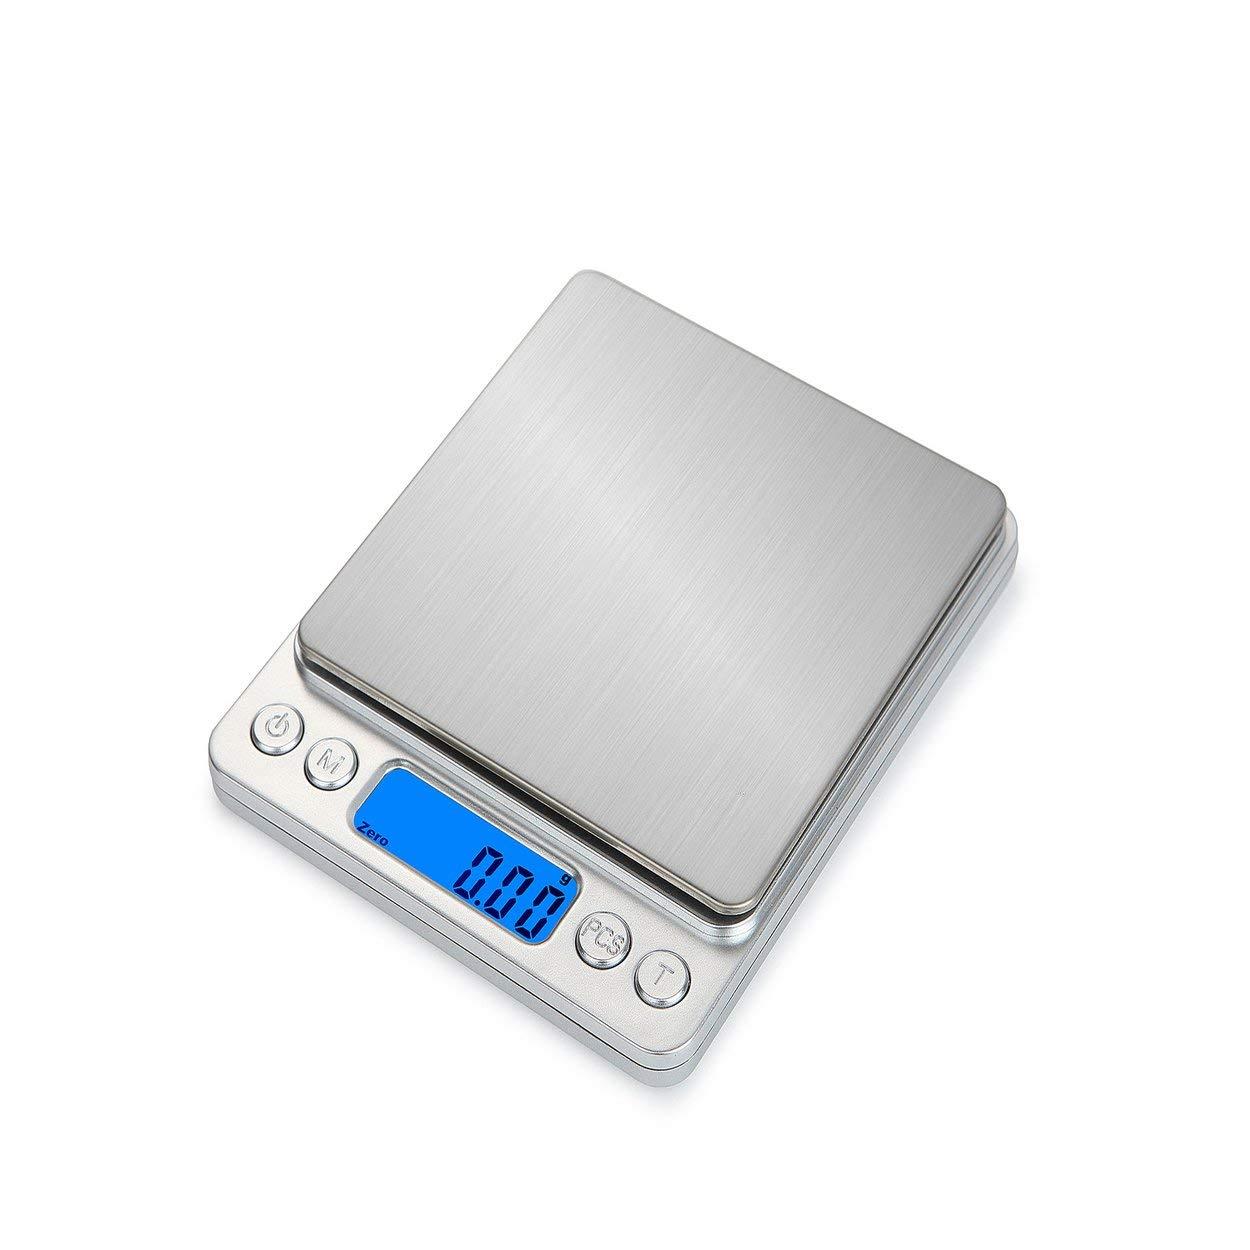 Lorenlli Fit HT-I200 Portable Cuisine Balance Numérique En Acier Inoxydable Écran LCD Électronique Balances Alimentaires Balance De Bijoux Échelle De Bijoux 3000g x 0.1g